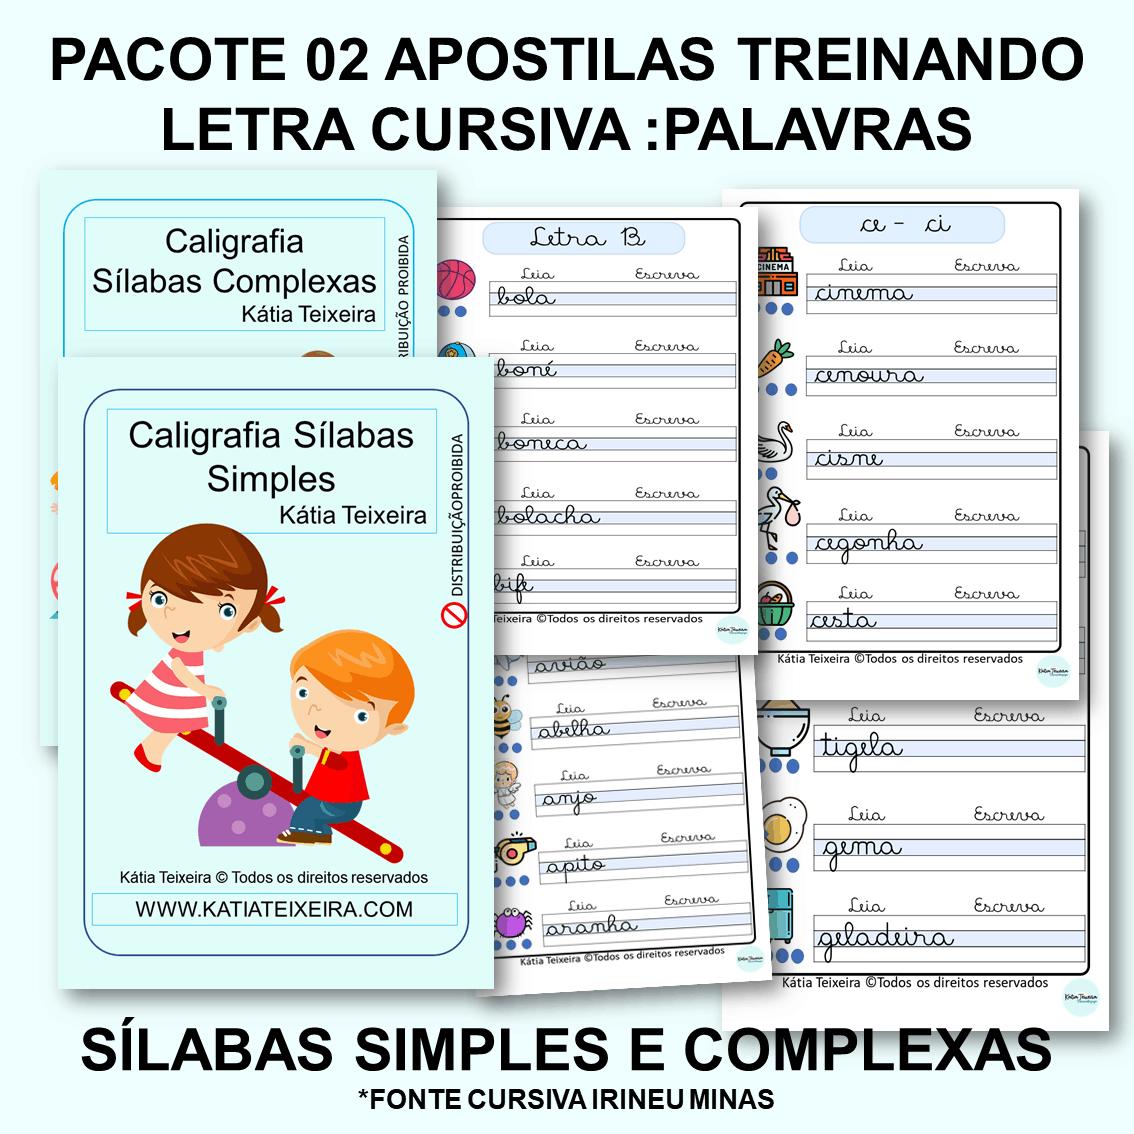 Foto 1 - Pacote treinando letra cursiva com 02 apostilas sílabas simples e complexas